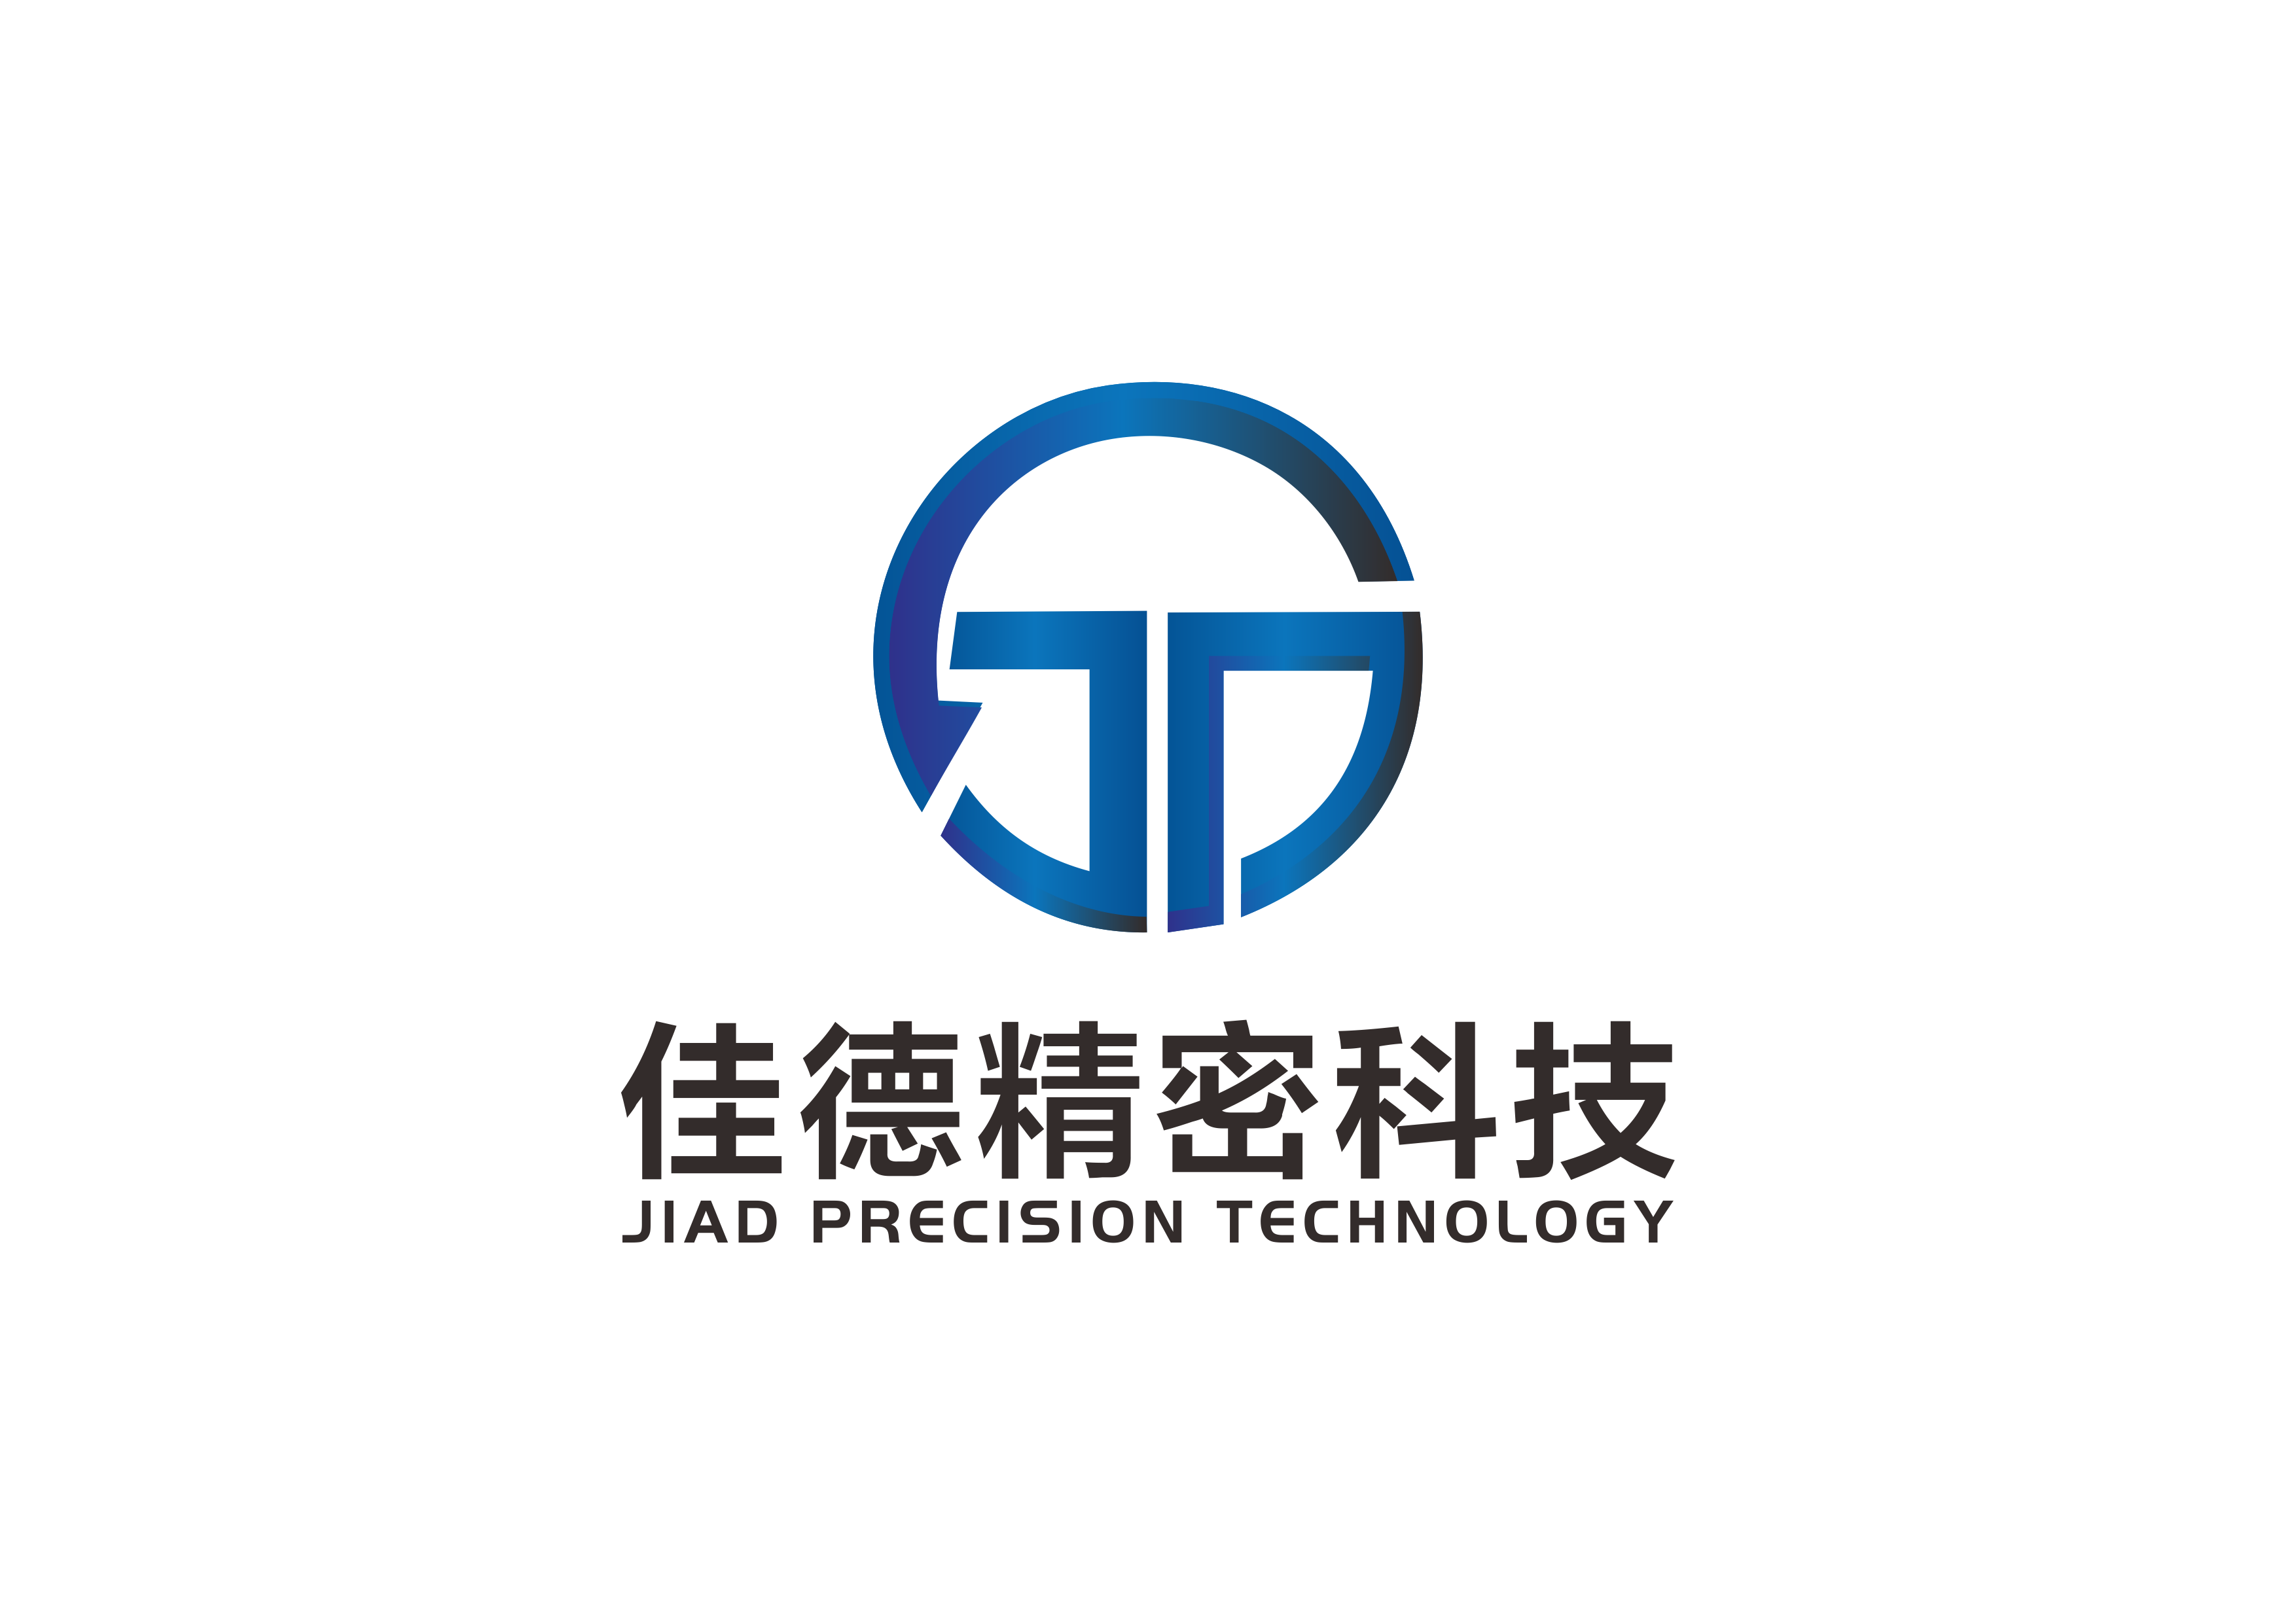 北京佳德精密科技有限公司